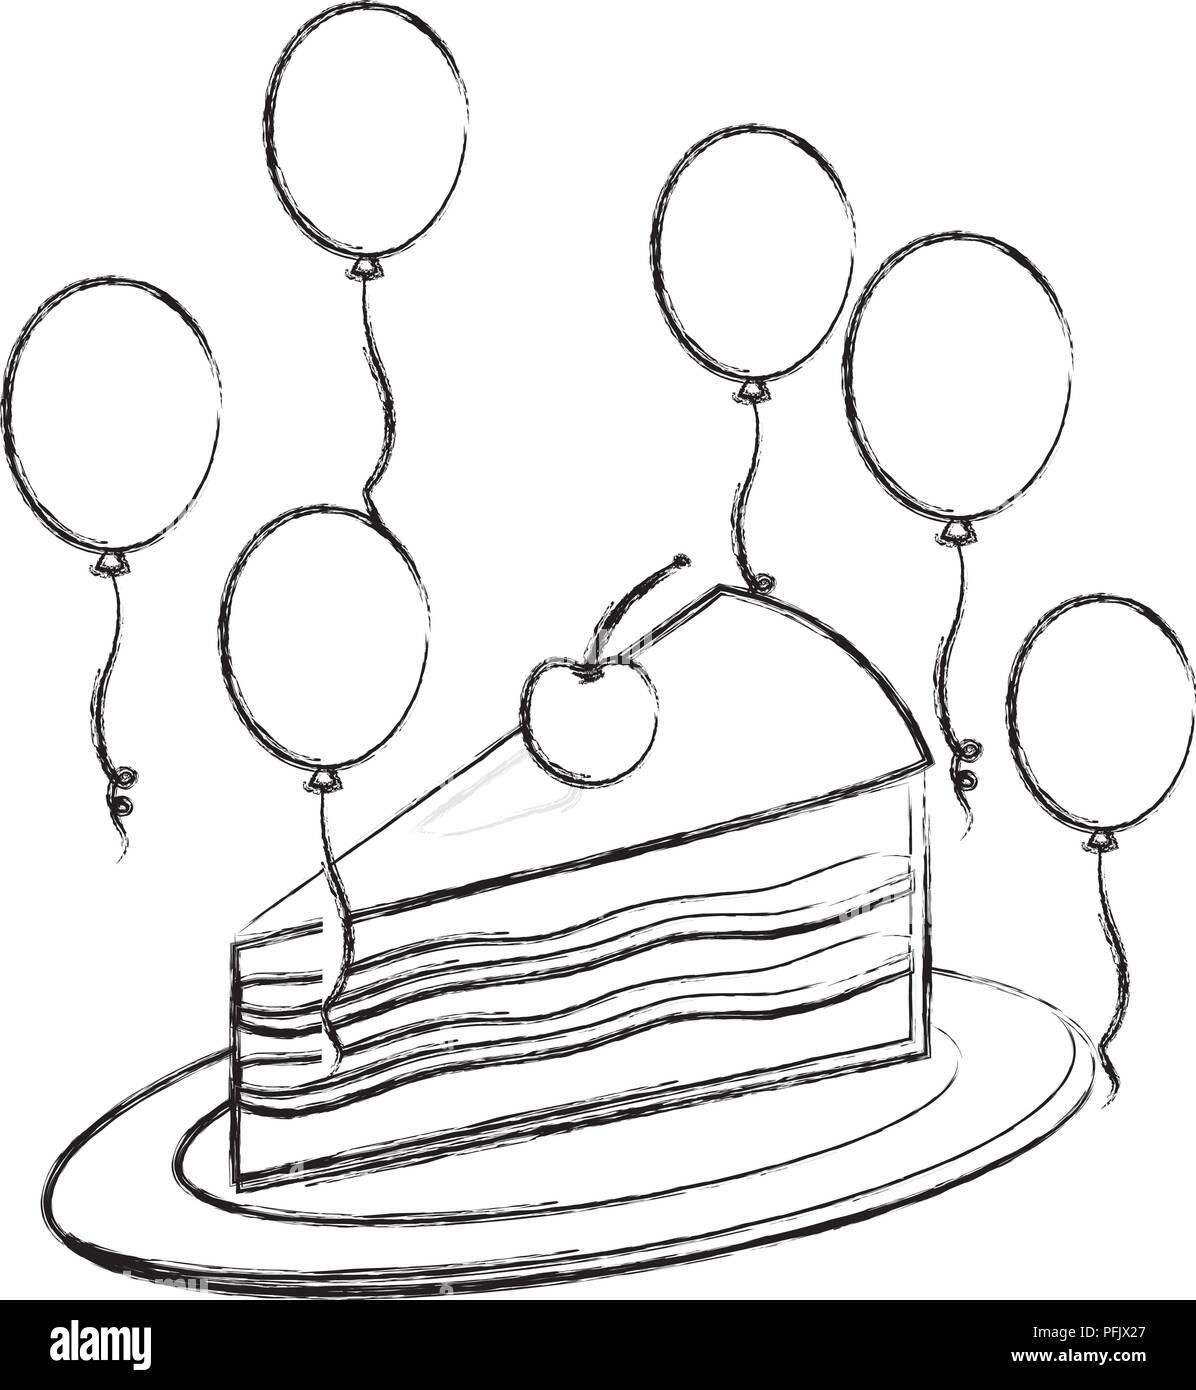 Pezzo Di Compleanno Torta Con Cherry E Palloncini Decorazione